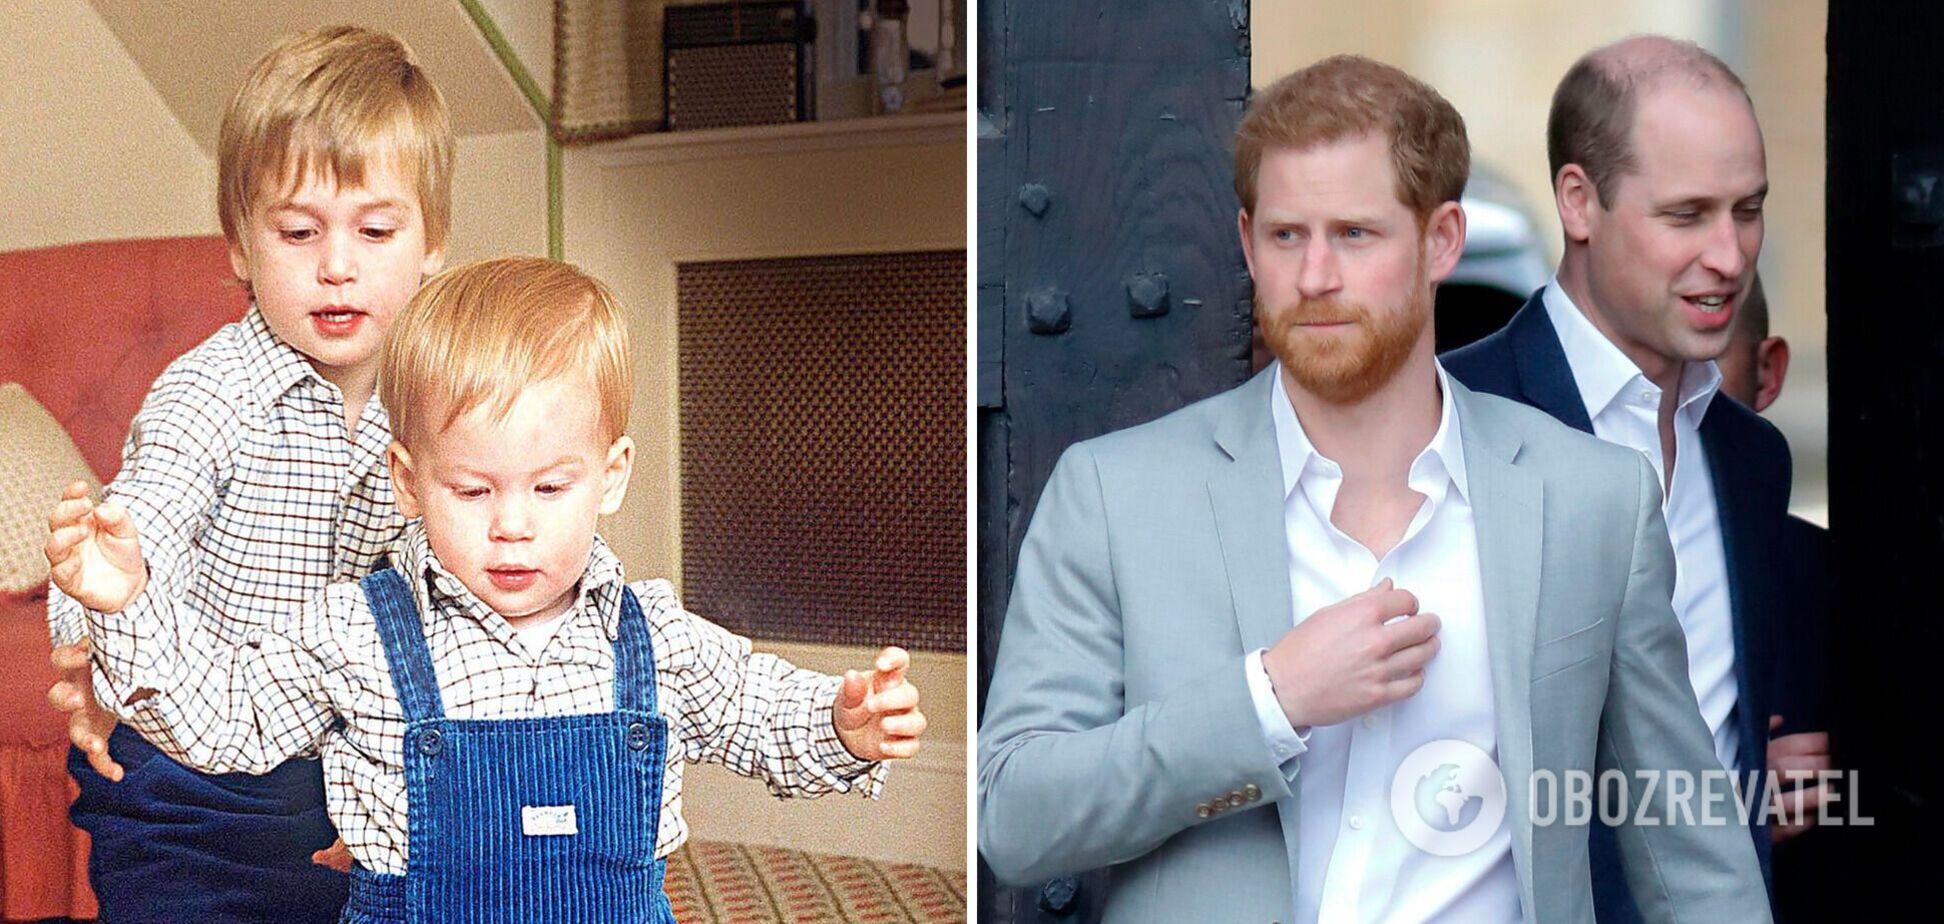 Как менялись принцы Гарри и Уильям: фото герцогов на протяжении жизни